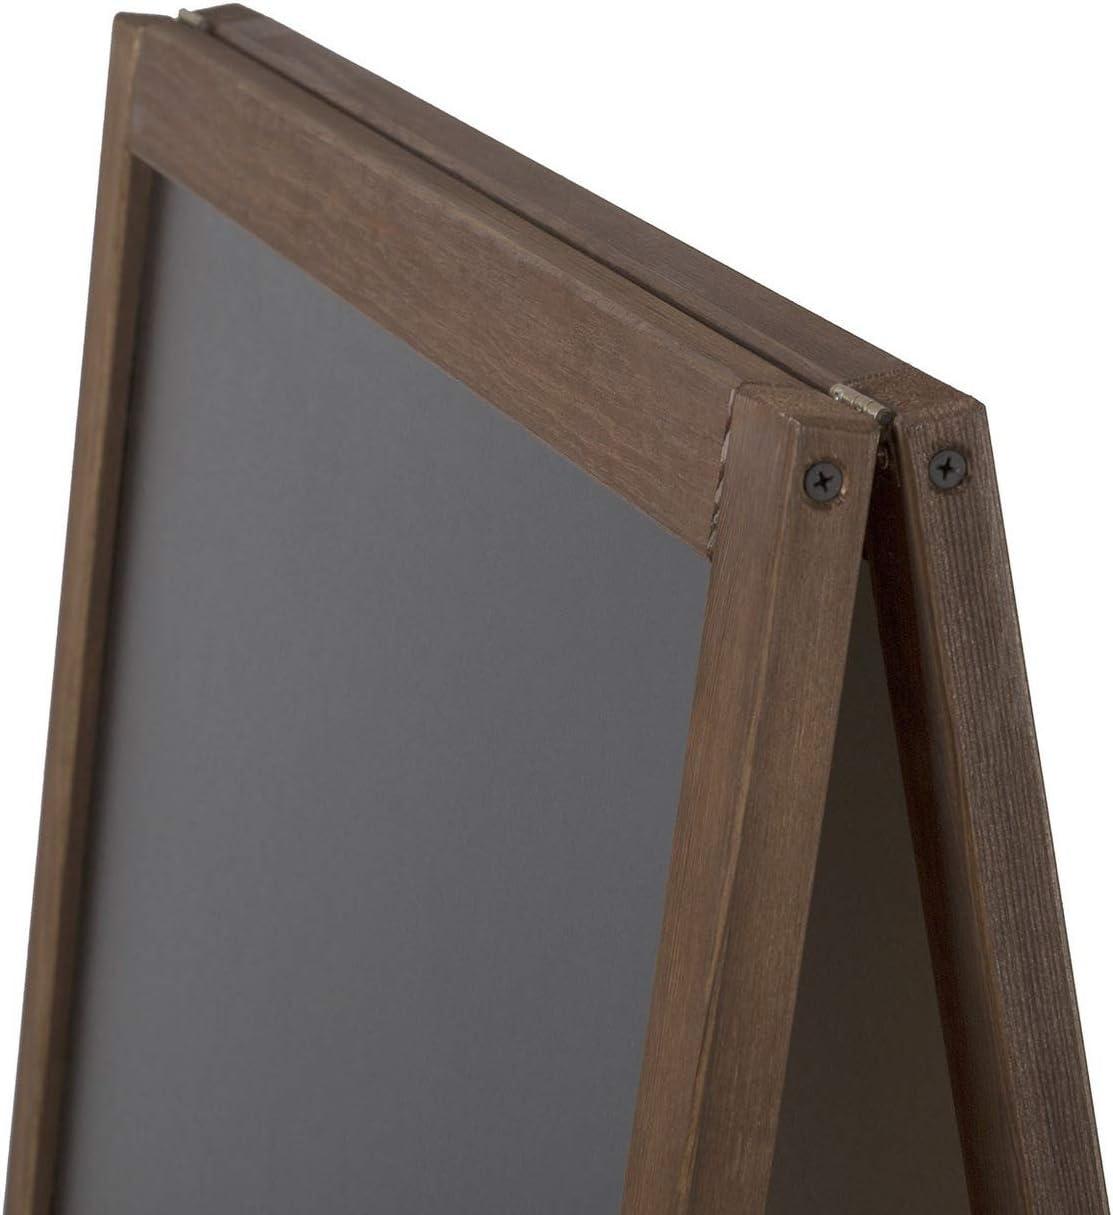 beidseitig aus Holz Tafel Werbetafel Holztafel Werbeaufsteller Kundenstopper//Aufsteller Kreidetafel 141 x 61 + 16 x 53 cm